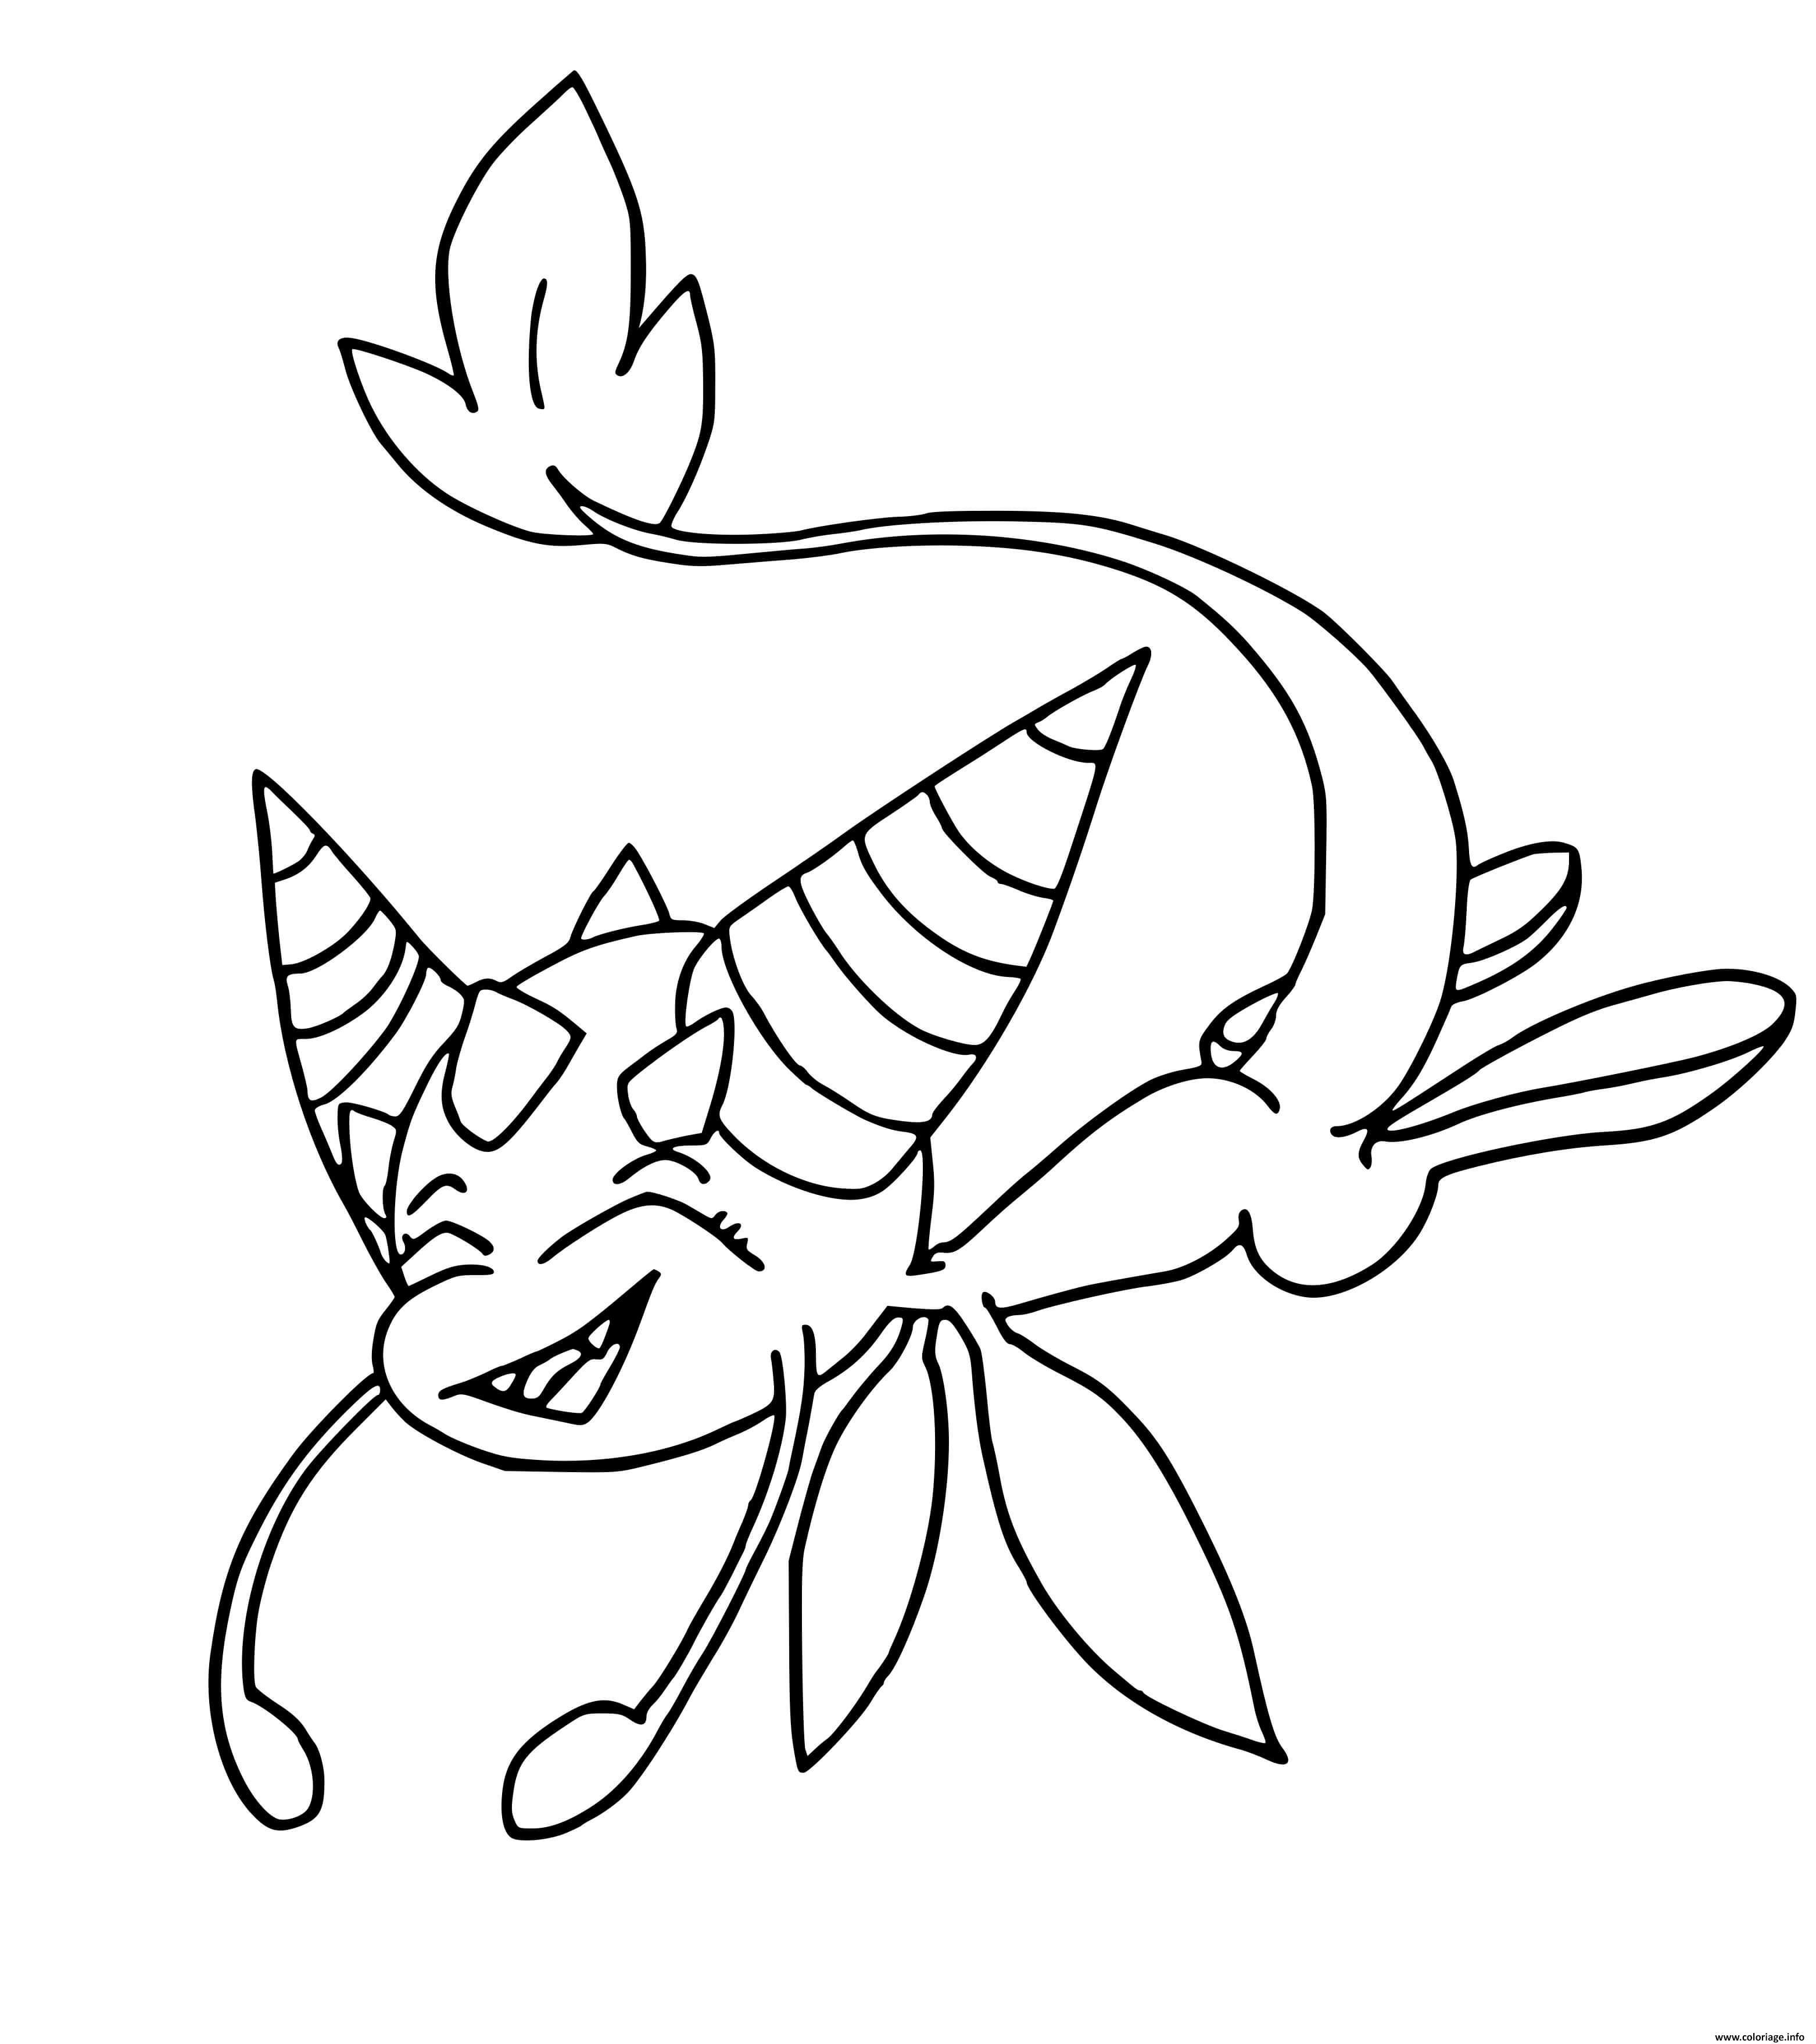 Coloriage Dragon Kwami Jecolorie Com